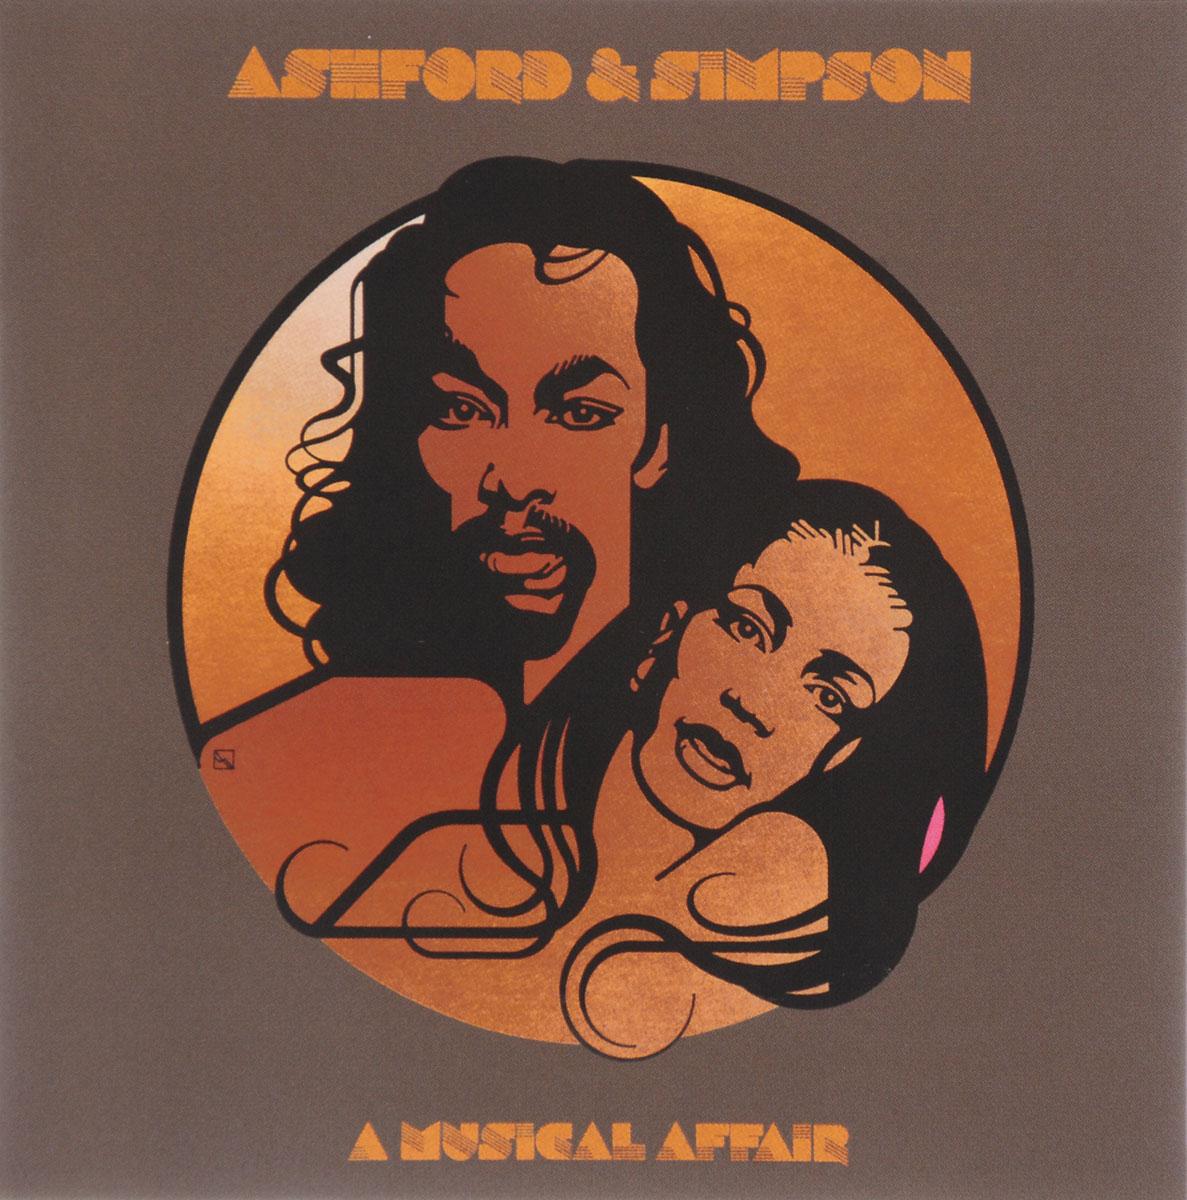 """Ashford & Simpson. A Musical Affair. """"Ashford & Simpson"""""""